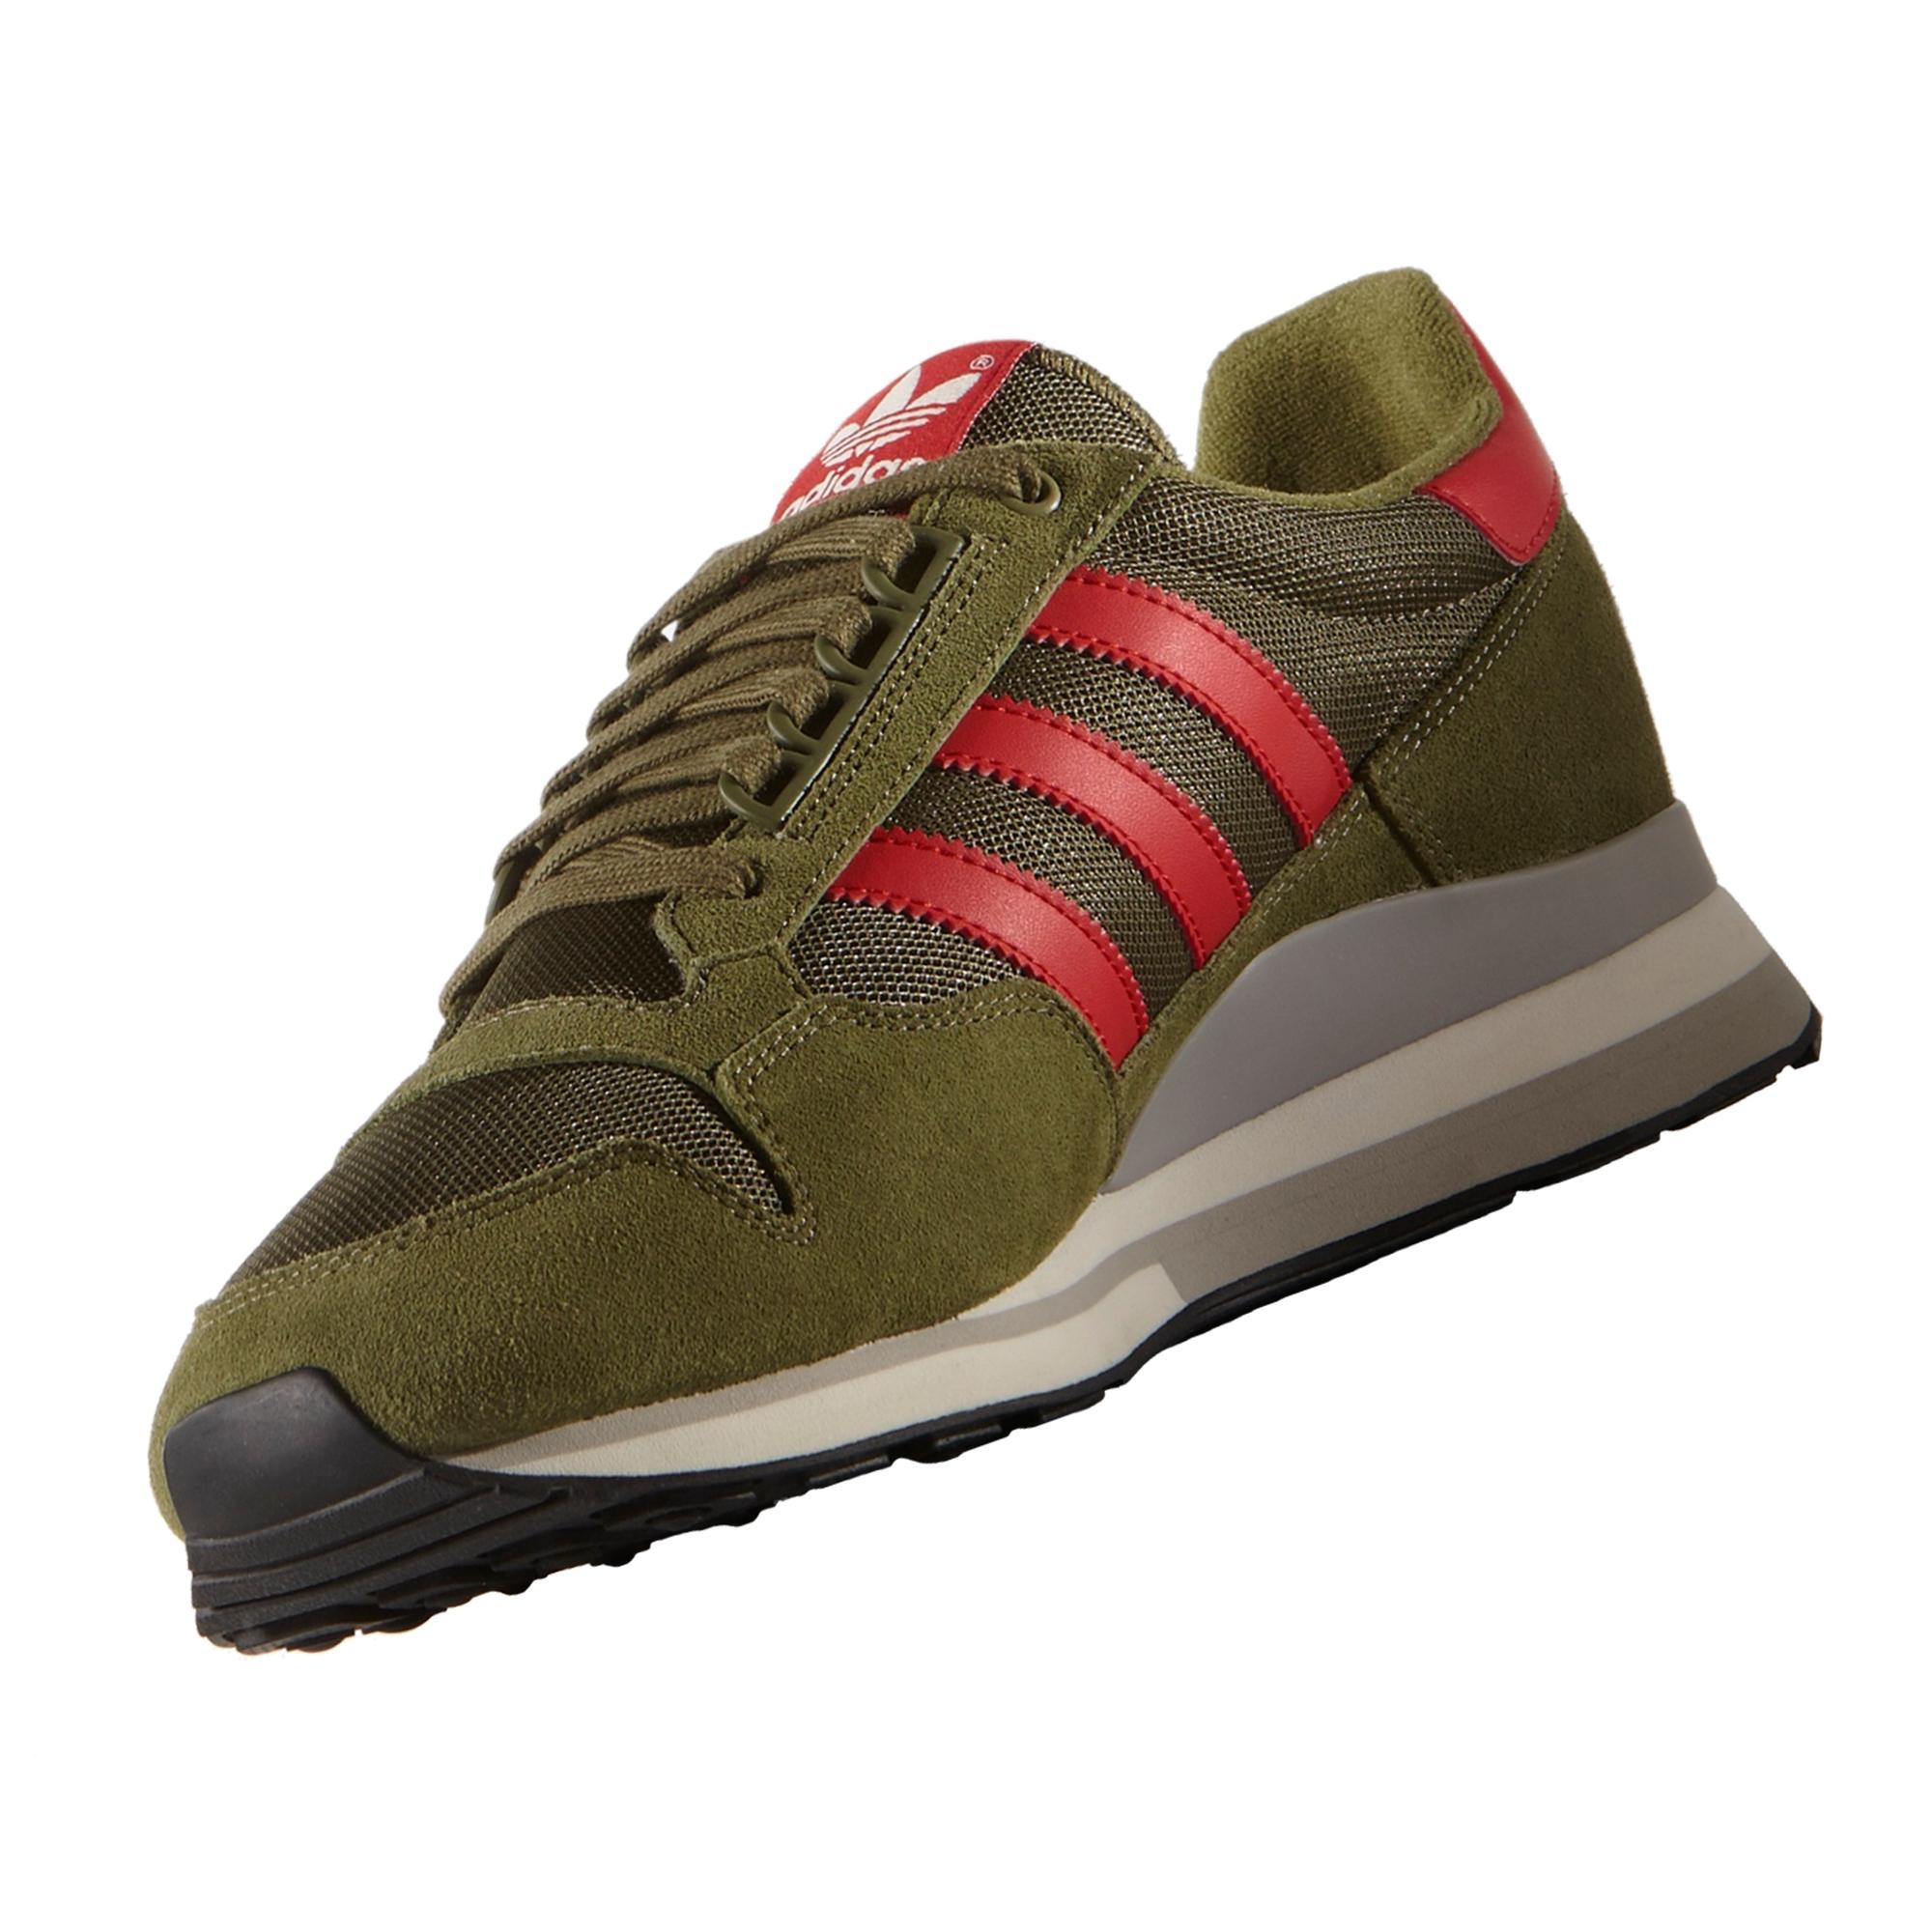 19dbd1a60b01d ... where to buy adidas zx 500 og ss16 erkek spor ayakkab 7c8b7 72e28